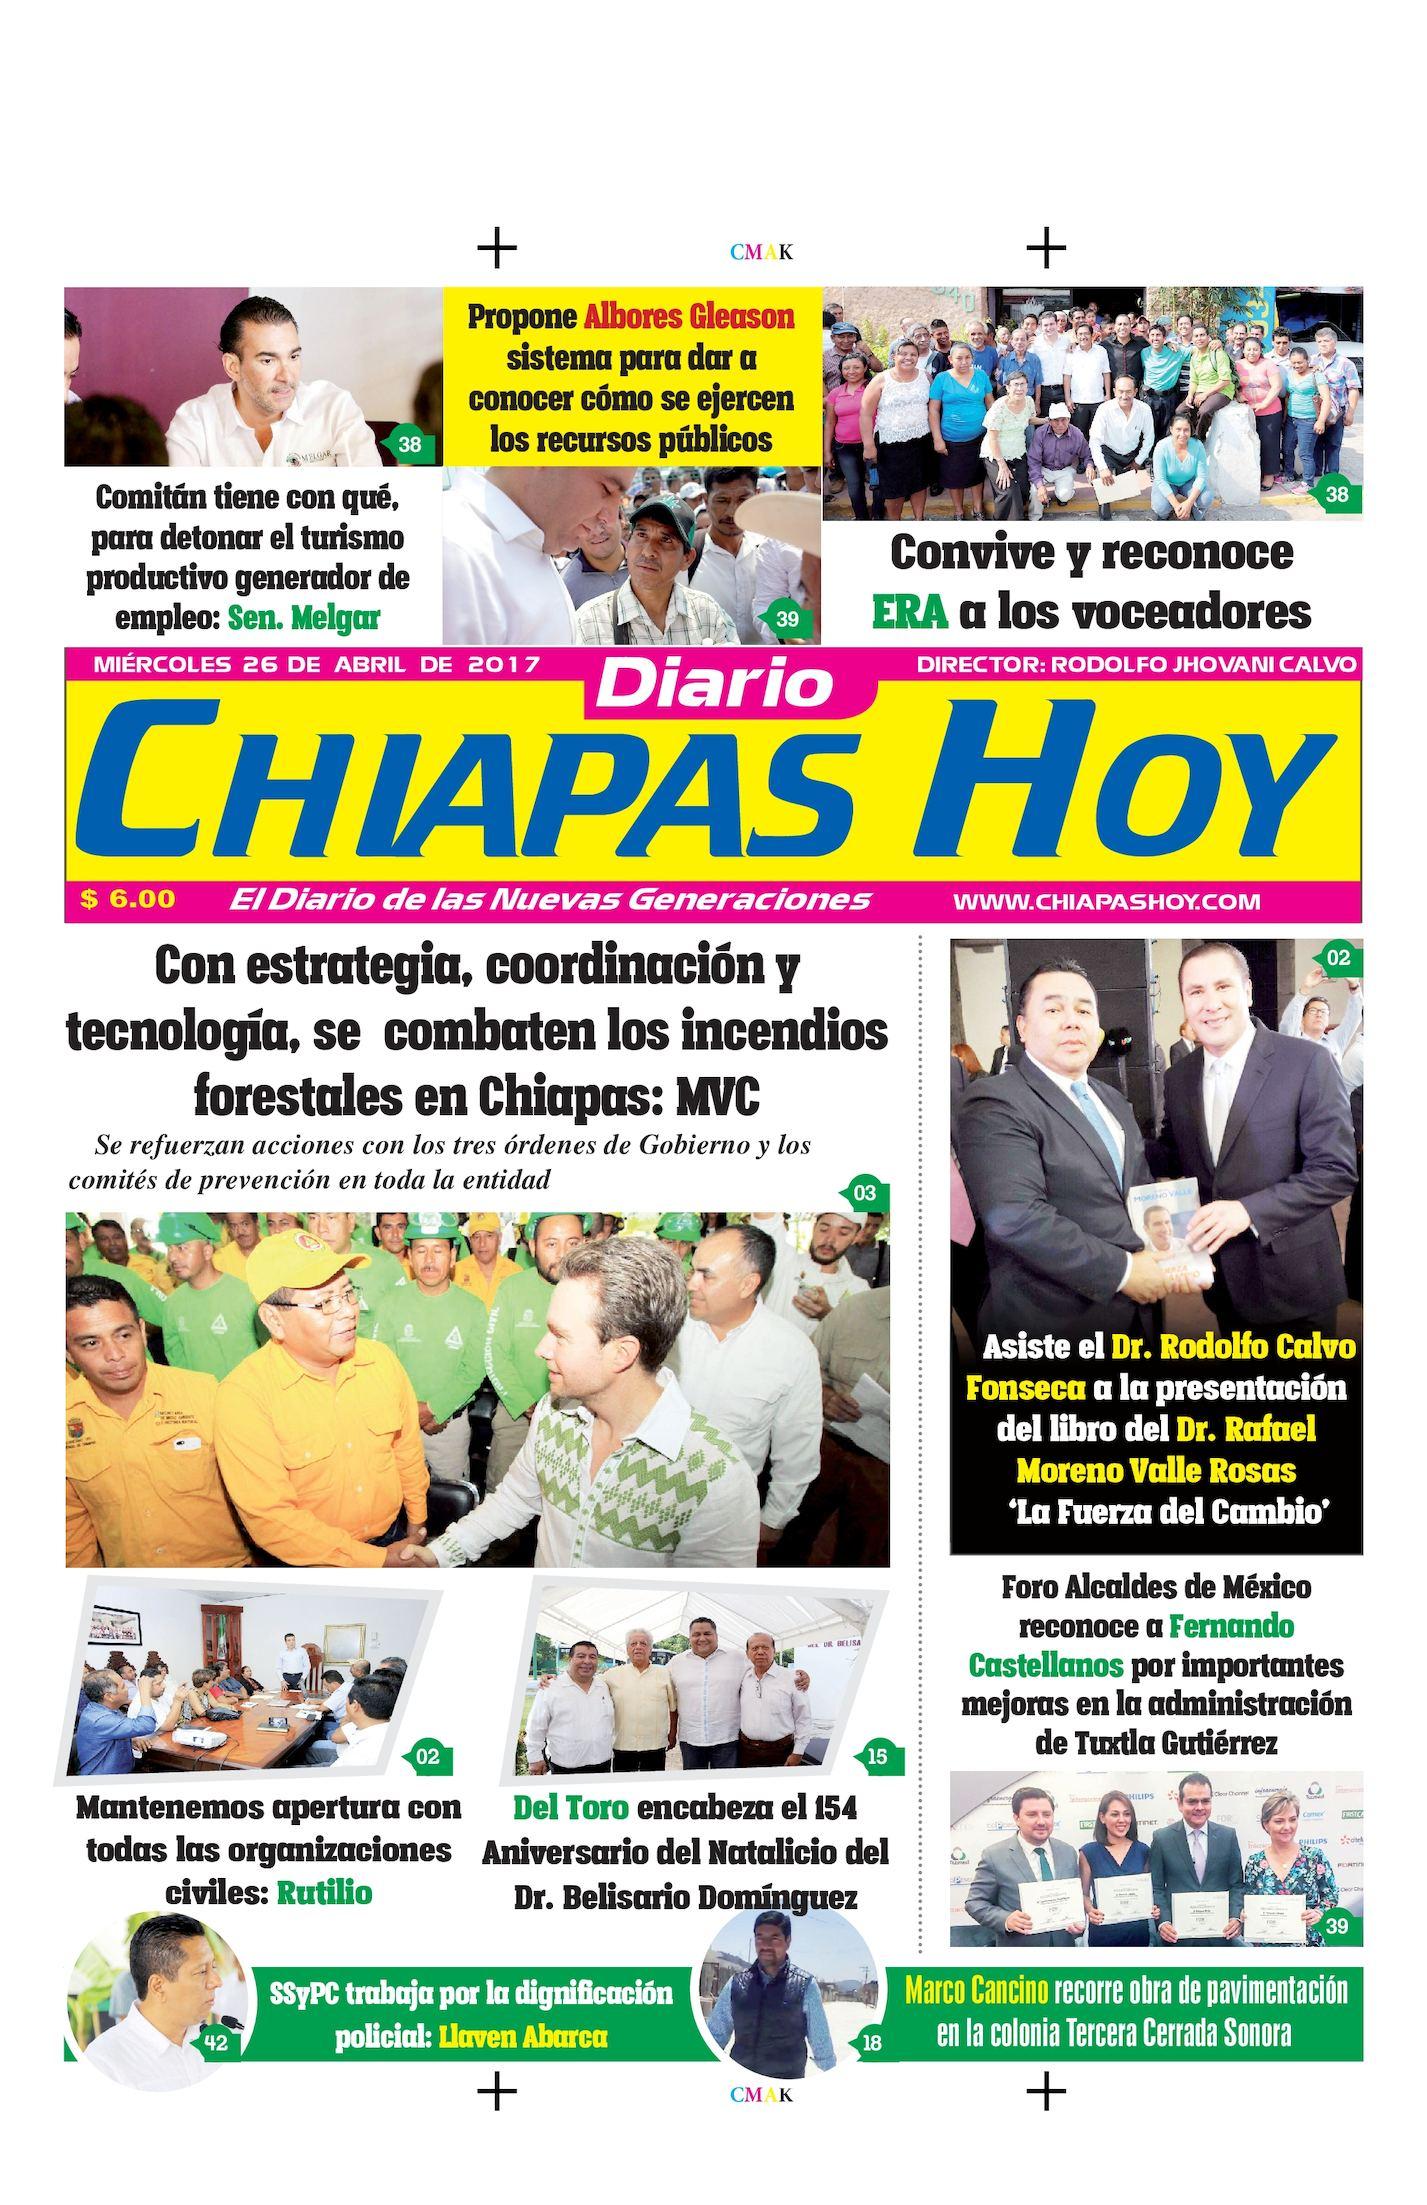 Chiapas Hoy 26 De Abril